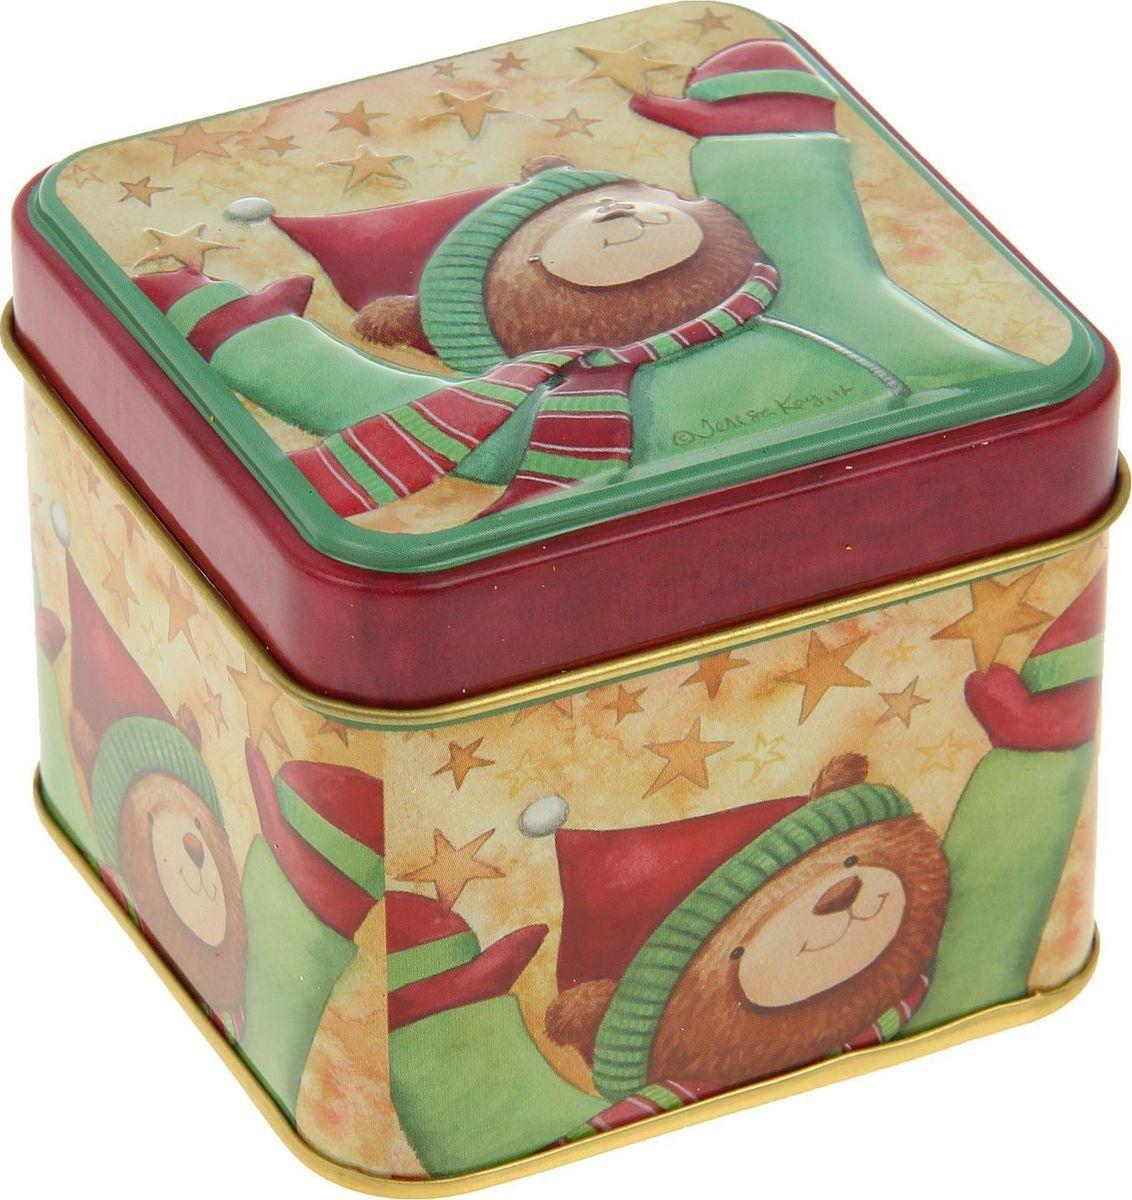 Шкатулка Sima-land Радостный мишка, цвет: красный, 6,5 х 7,5 х 7,5 см2266301Шкатулка — это небольшой сувенир, а также оригинальная упаковка подарка. Она дополнит интерьер спальни, гостиной или прихожей. Изделие предназначено для хранения украшений: колец, браслетов, часов, цепочек, колье, сережек и прочих предметов.